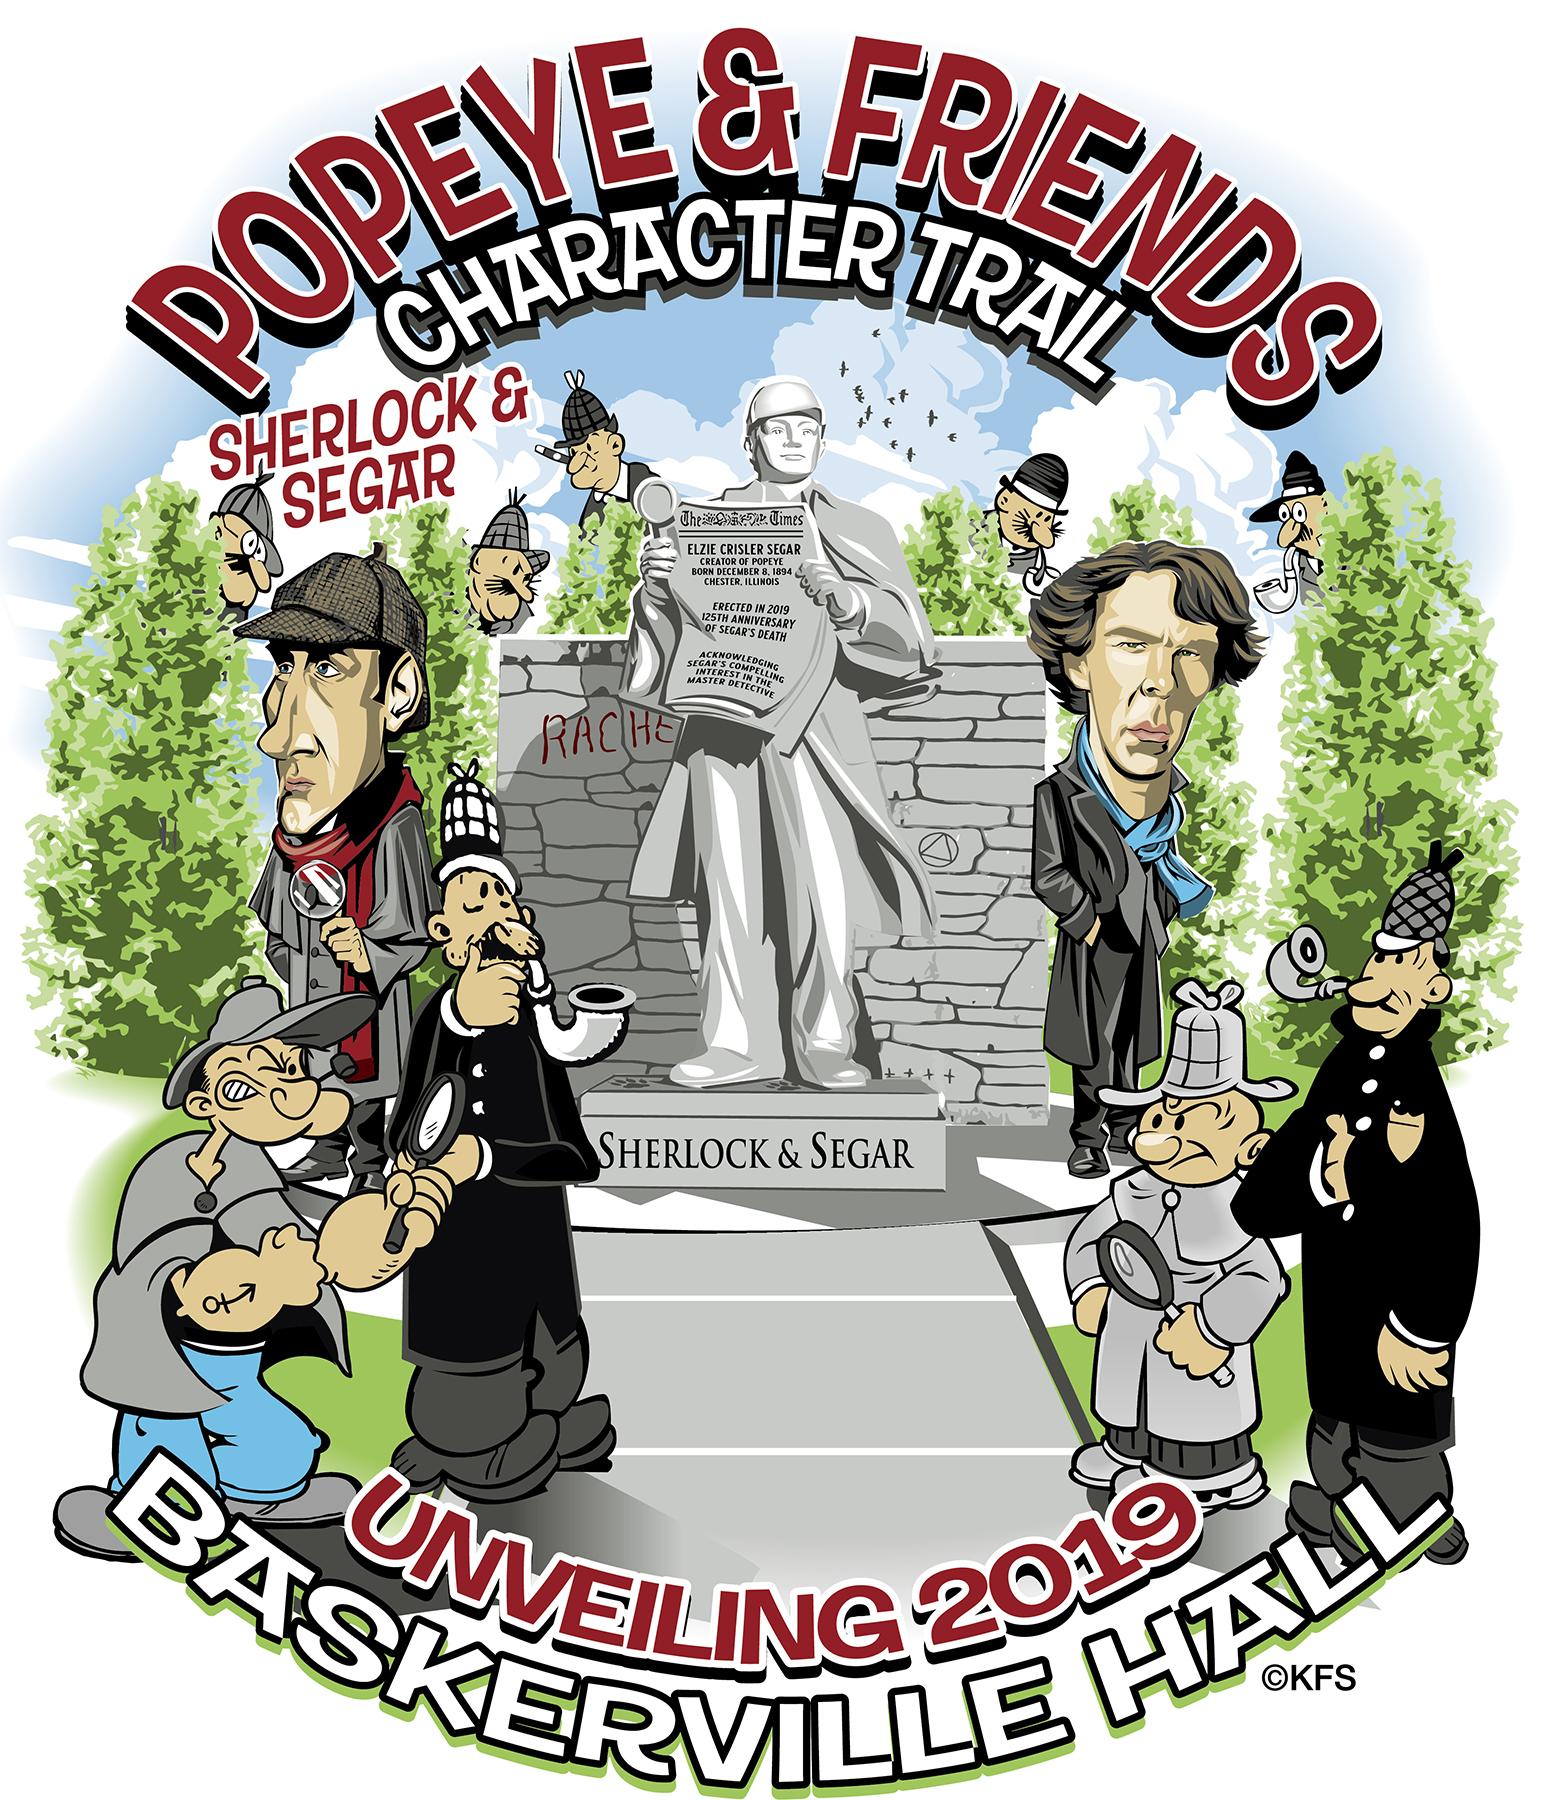 FINAL Sherlock & Segar shirt front